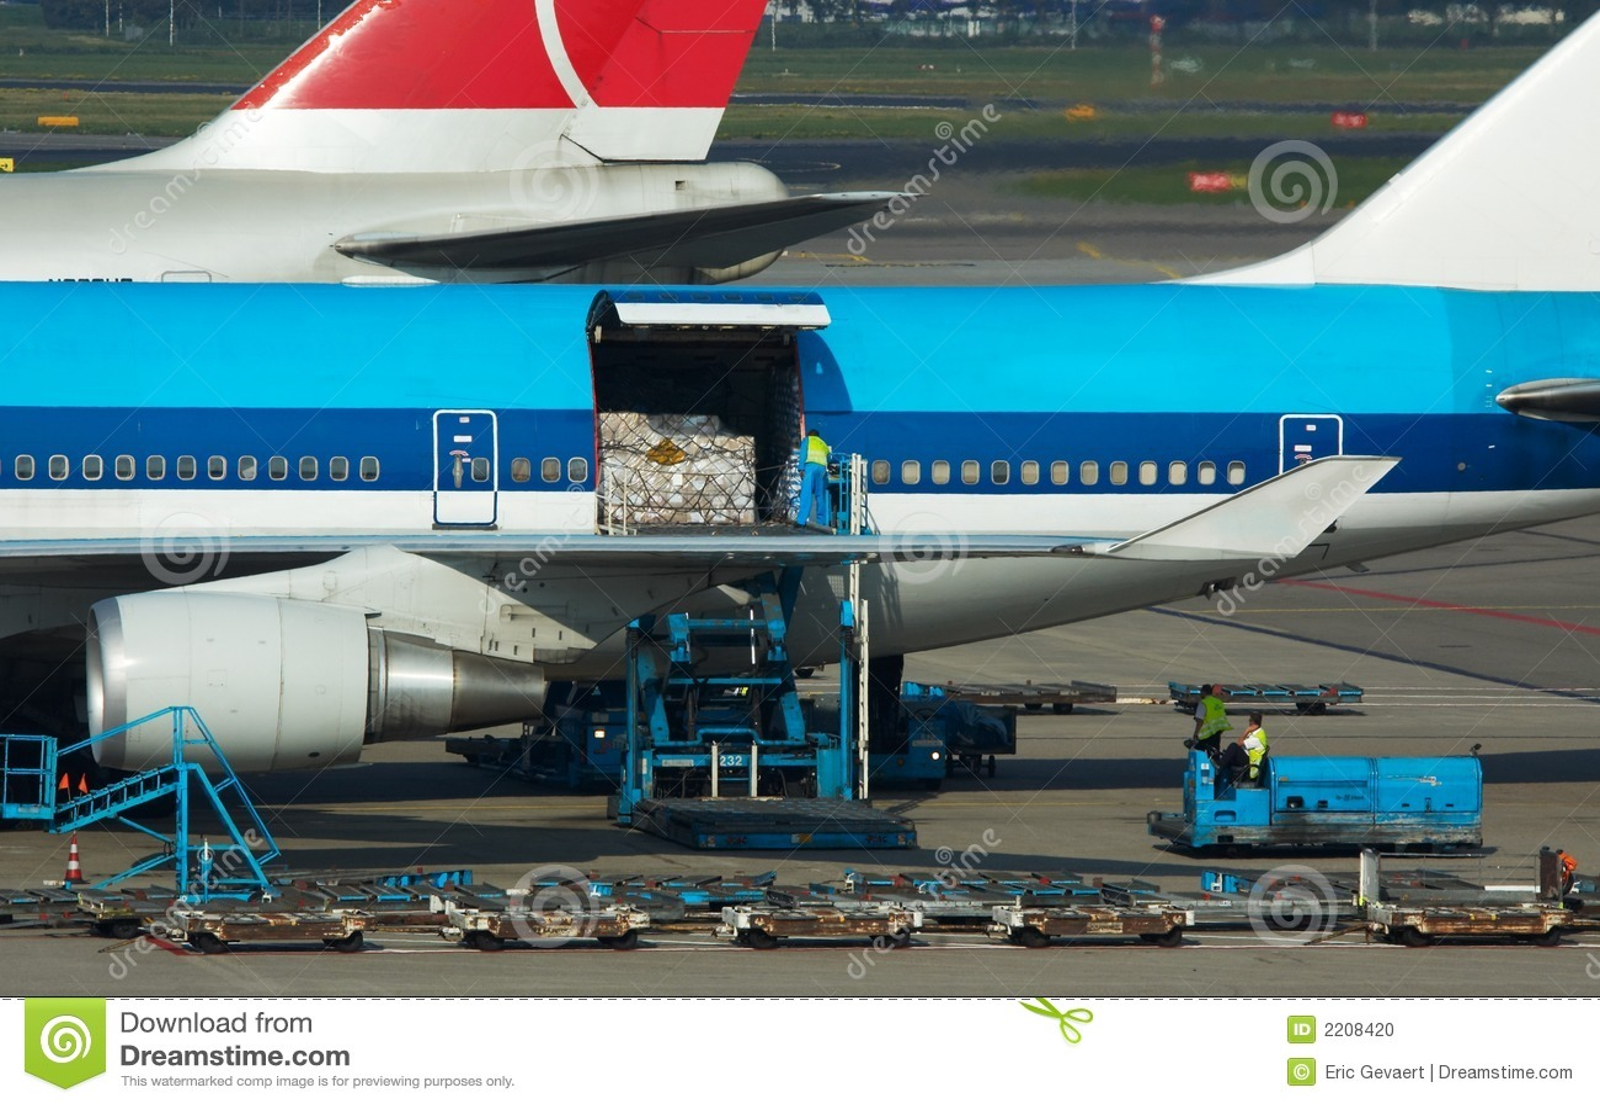 Flugzeuge, die Ladung aus dem Programm nehmen